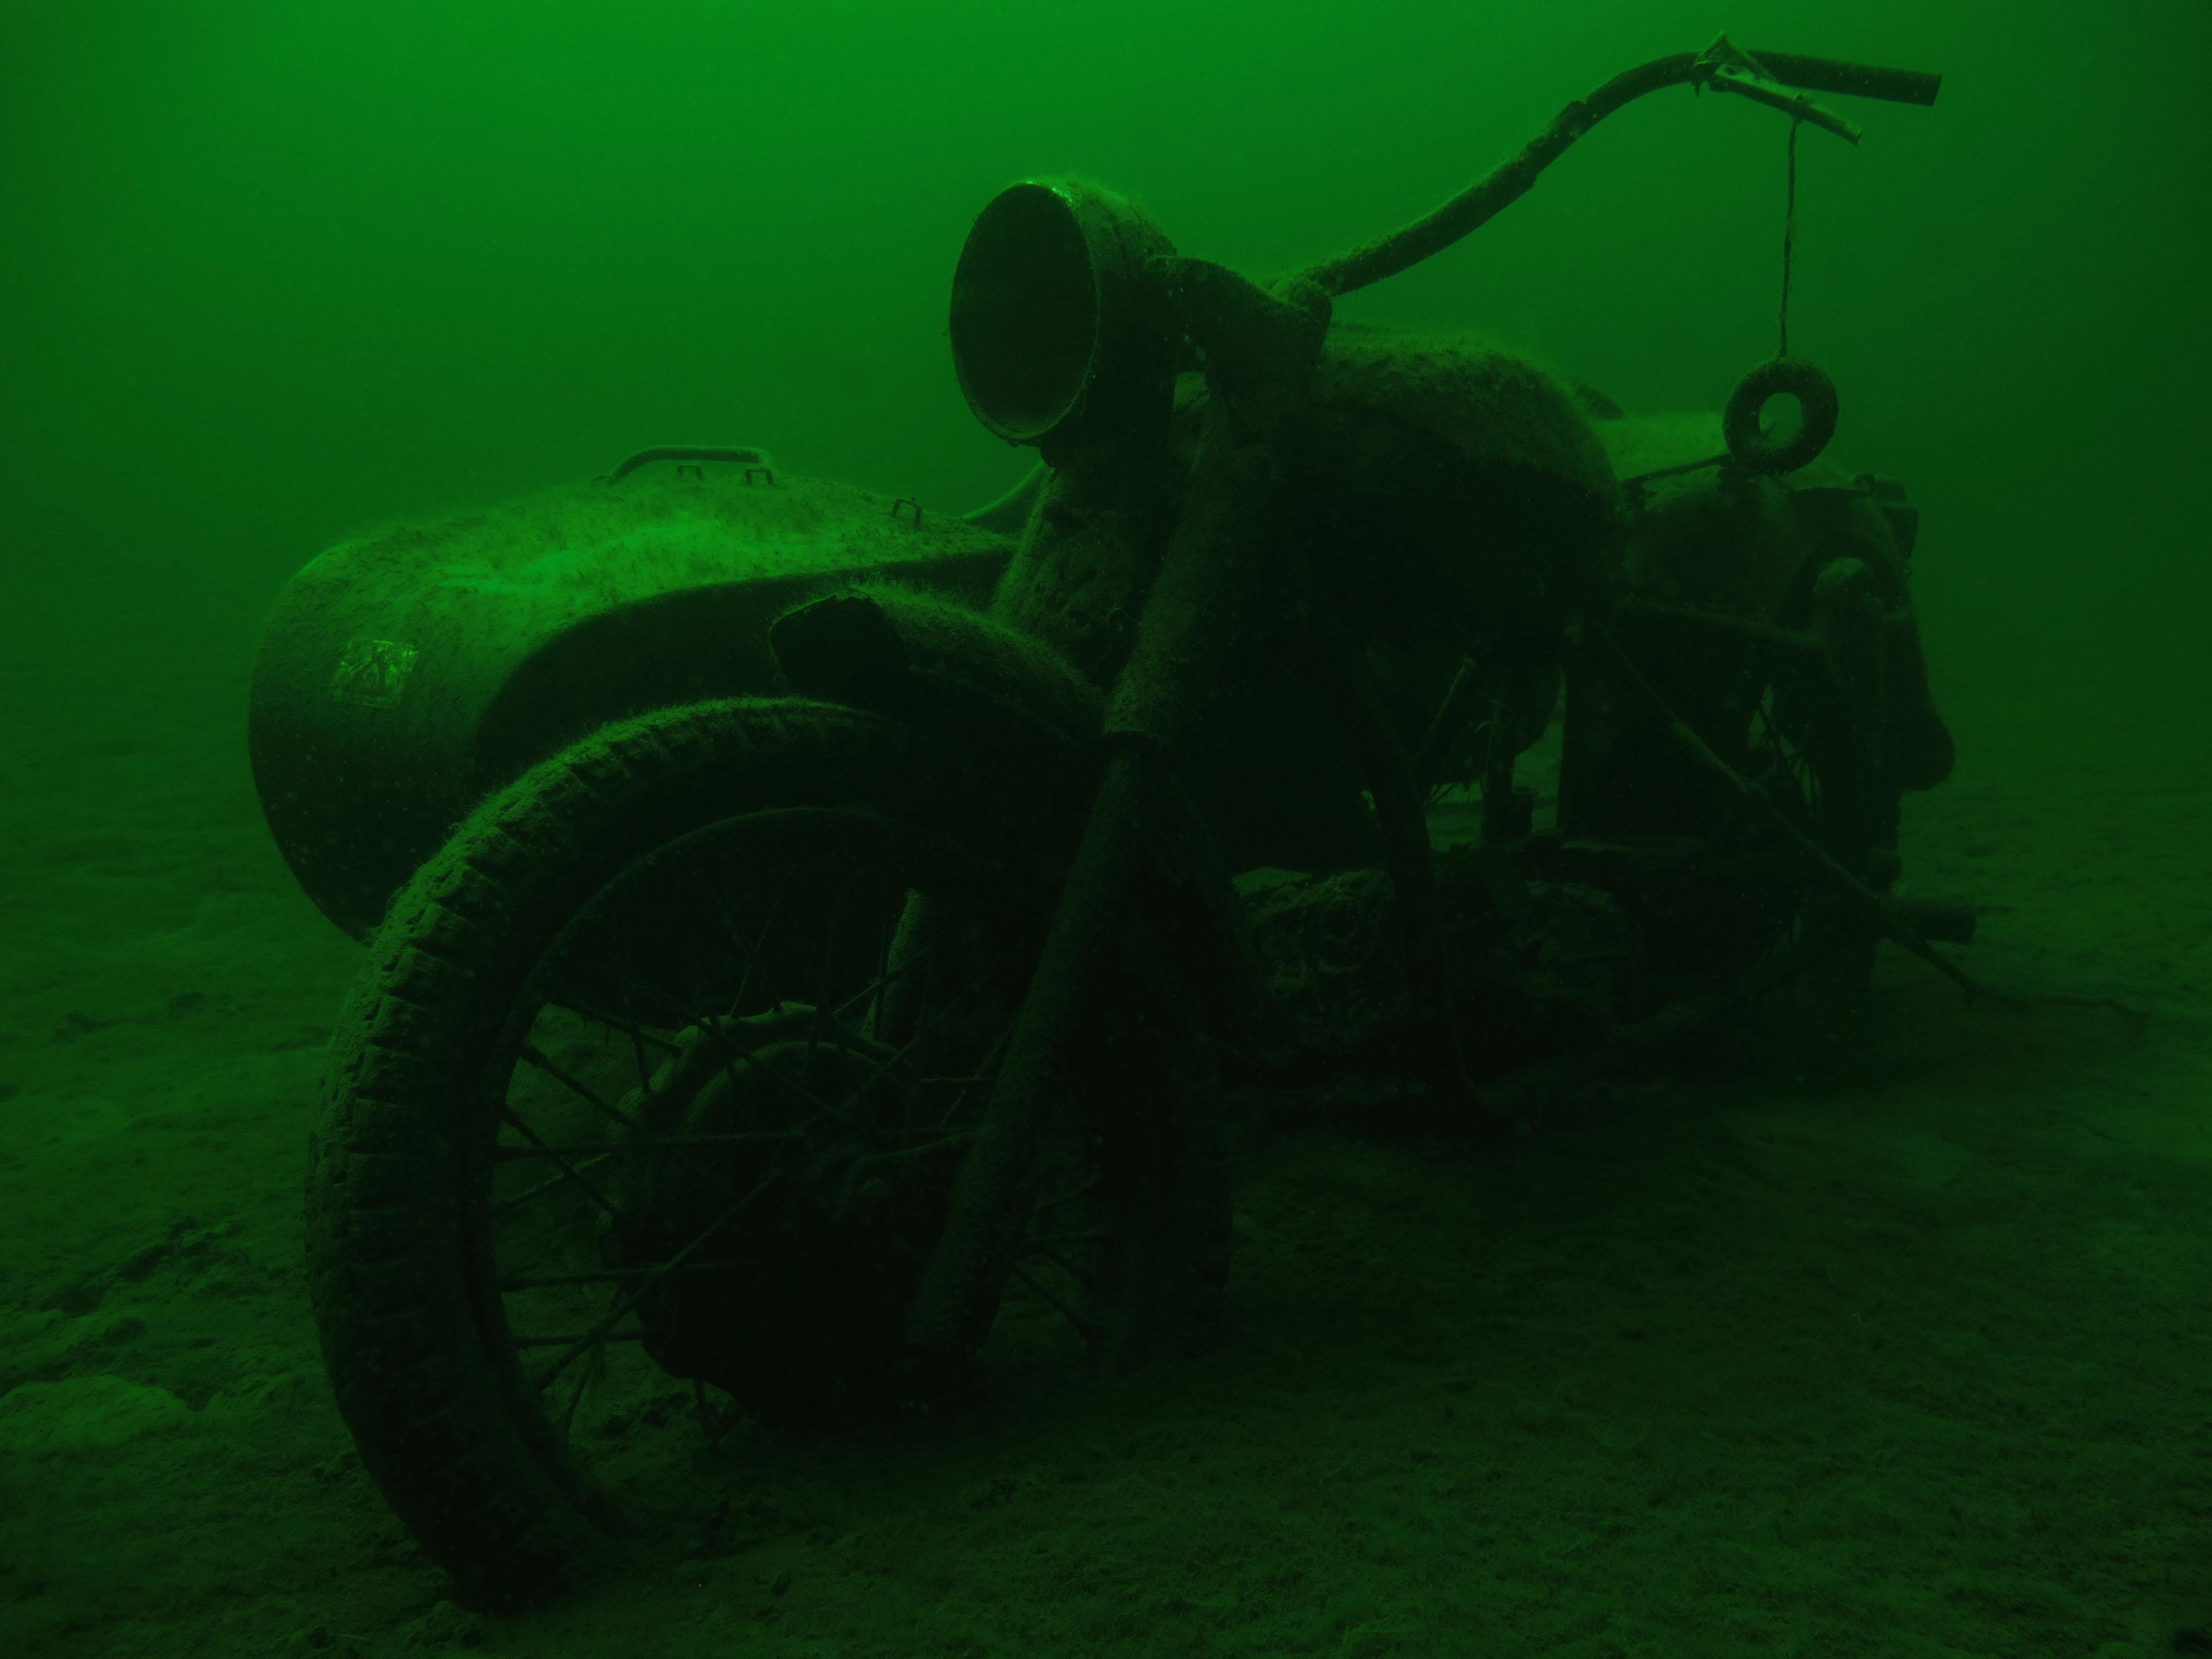 yantarnoe - motor